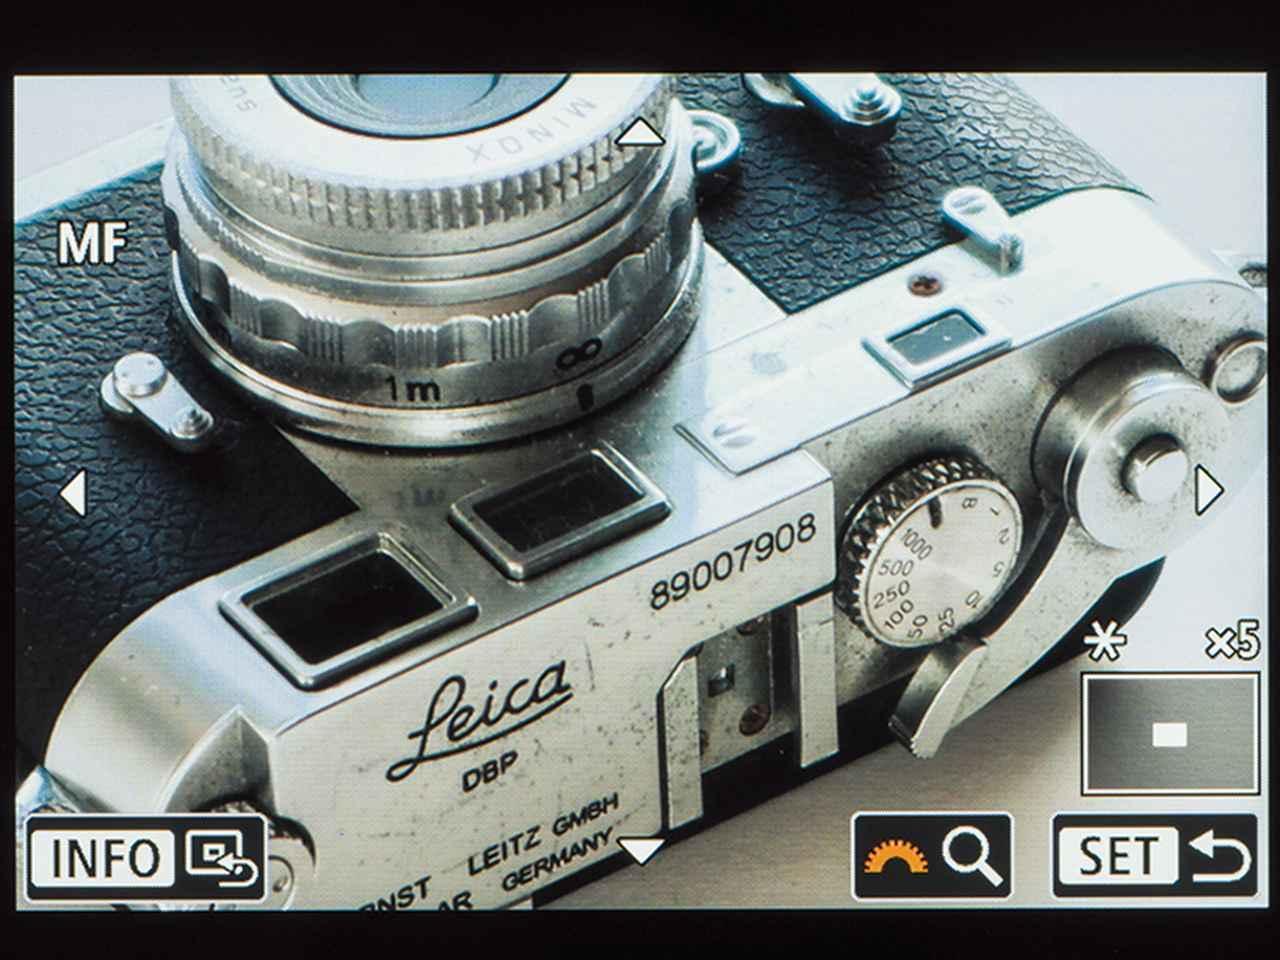 画像: ライブビュー撮影では、画面の拡大表示が可能なので、マニュアルでのピント合わせも楽に行うことができる。